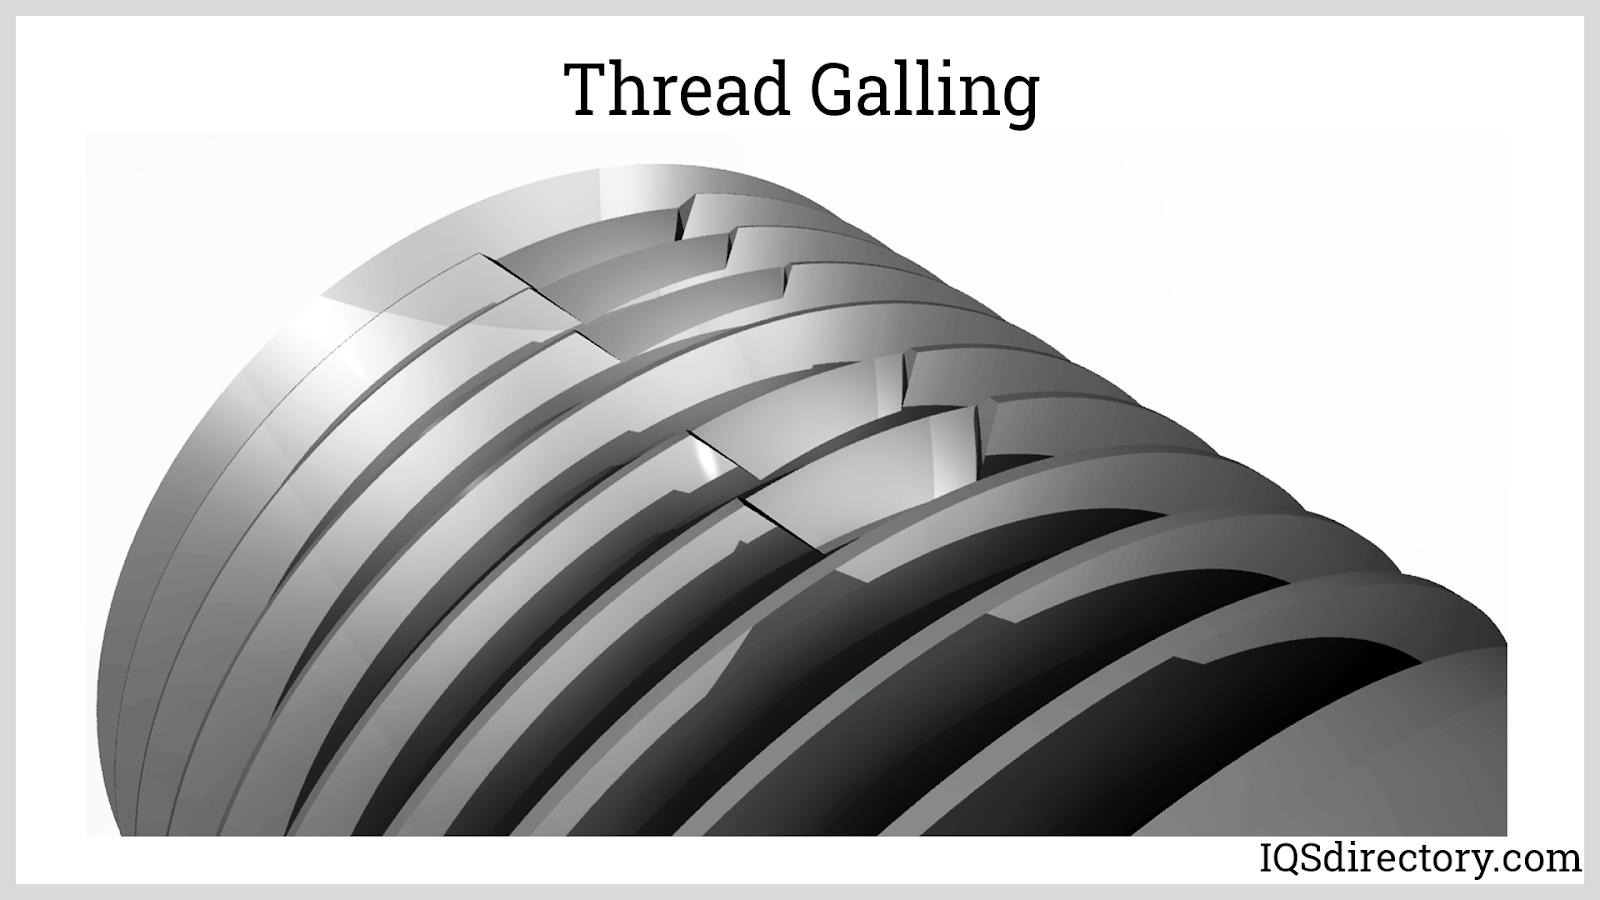 Thread Galling